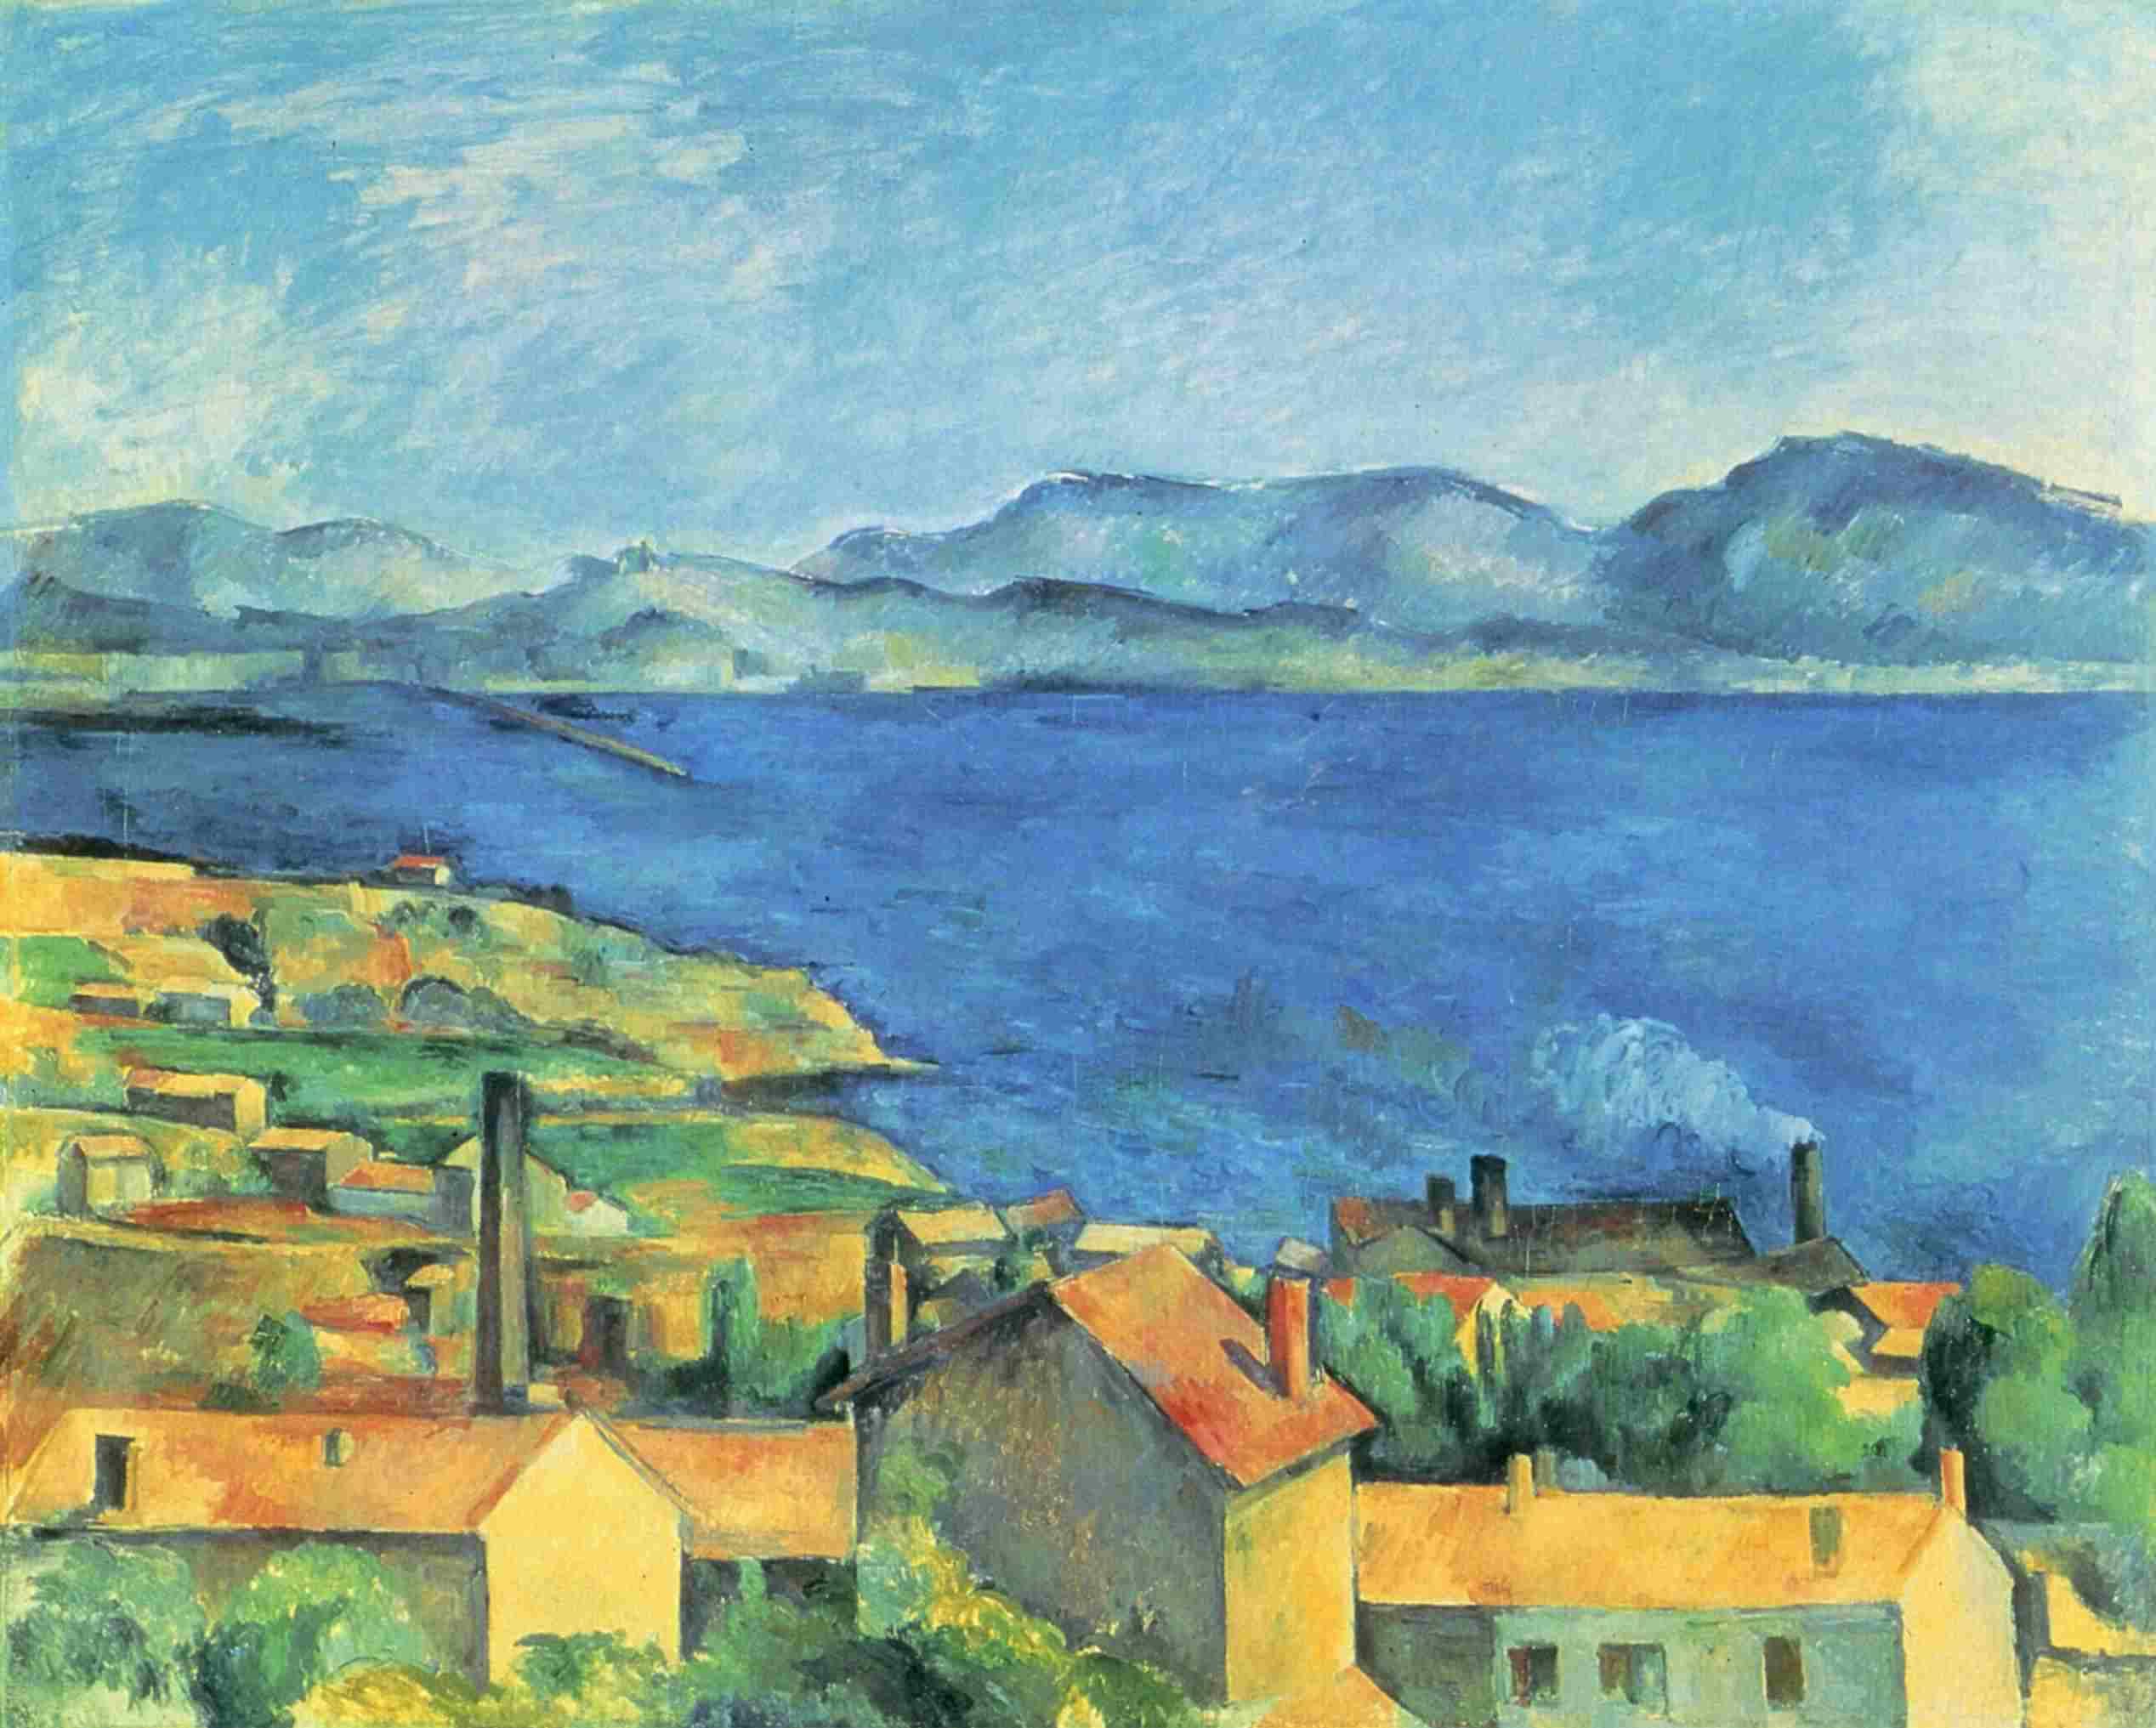 Paul Cézanne (1839-1906) El Golfo de Marsella de L'Estaque, también llamado, L'Estaque entre 1878 y 1879